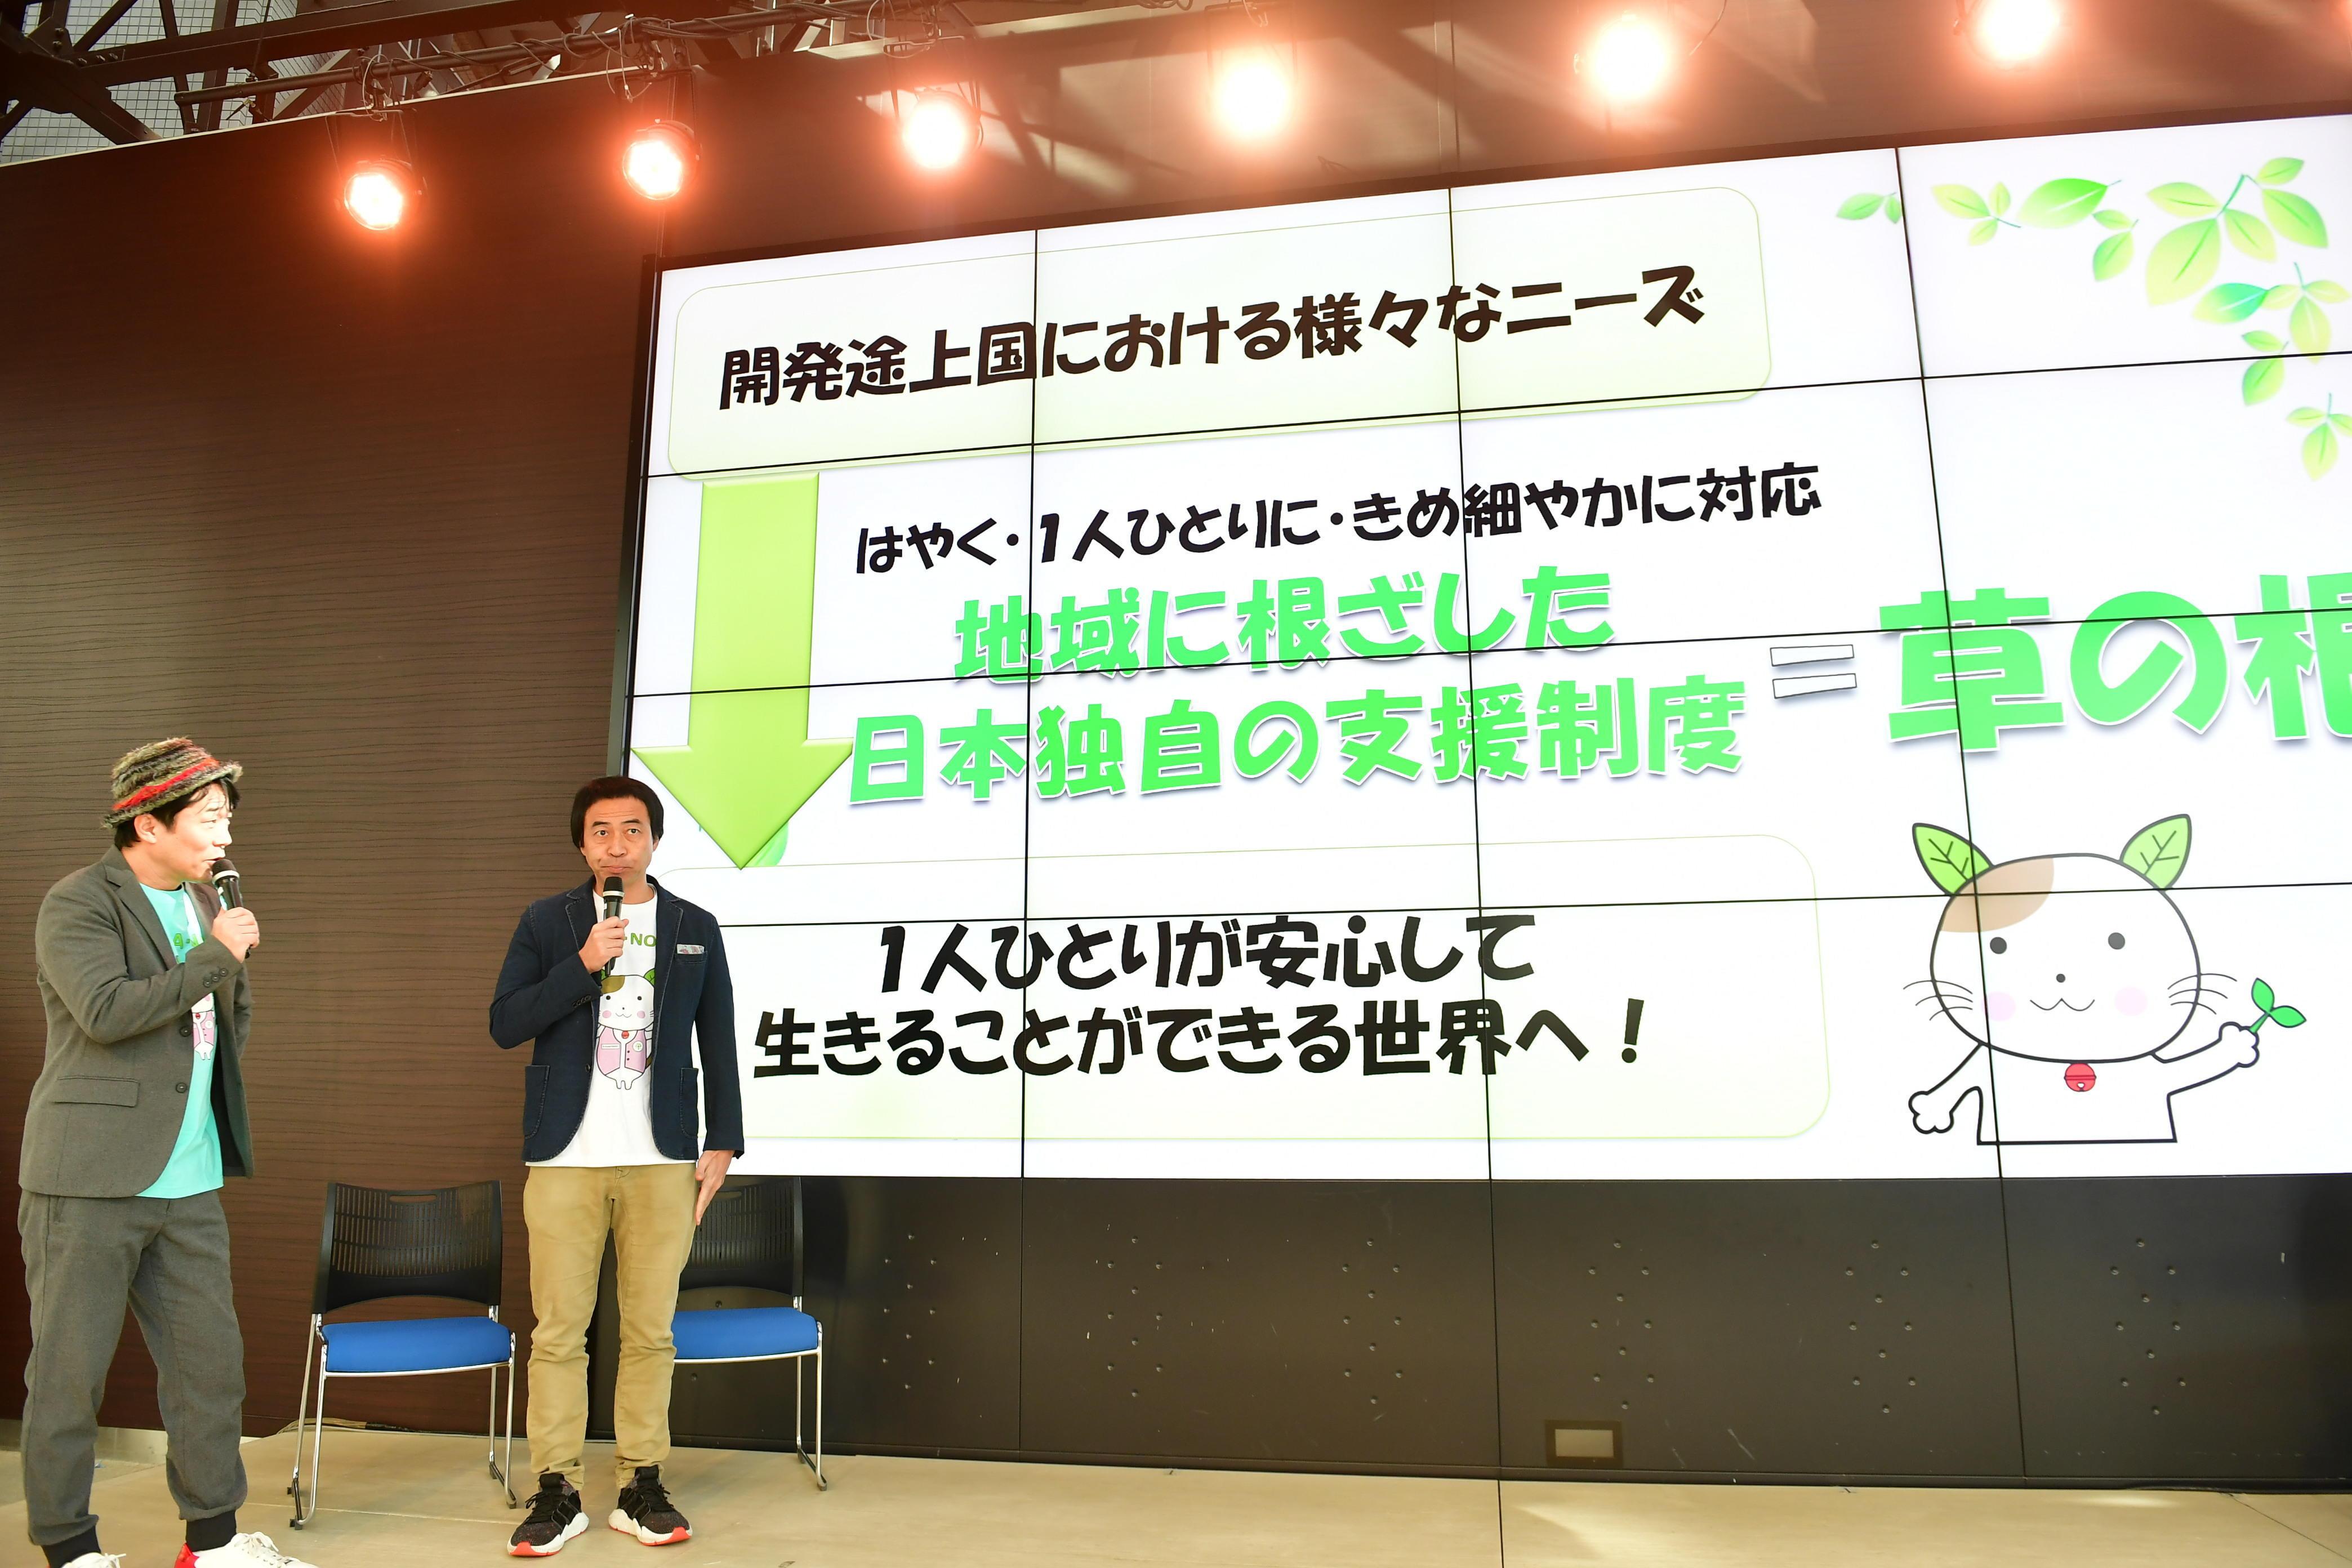 http://news.yoshimoto.co.jp/20190203131216-8e226914a519d8c1b4a737cbf0b099eec634732f.jpg